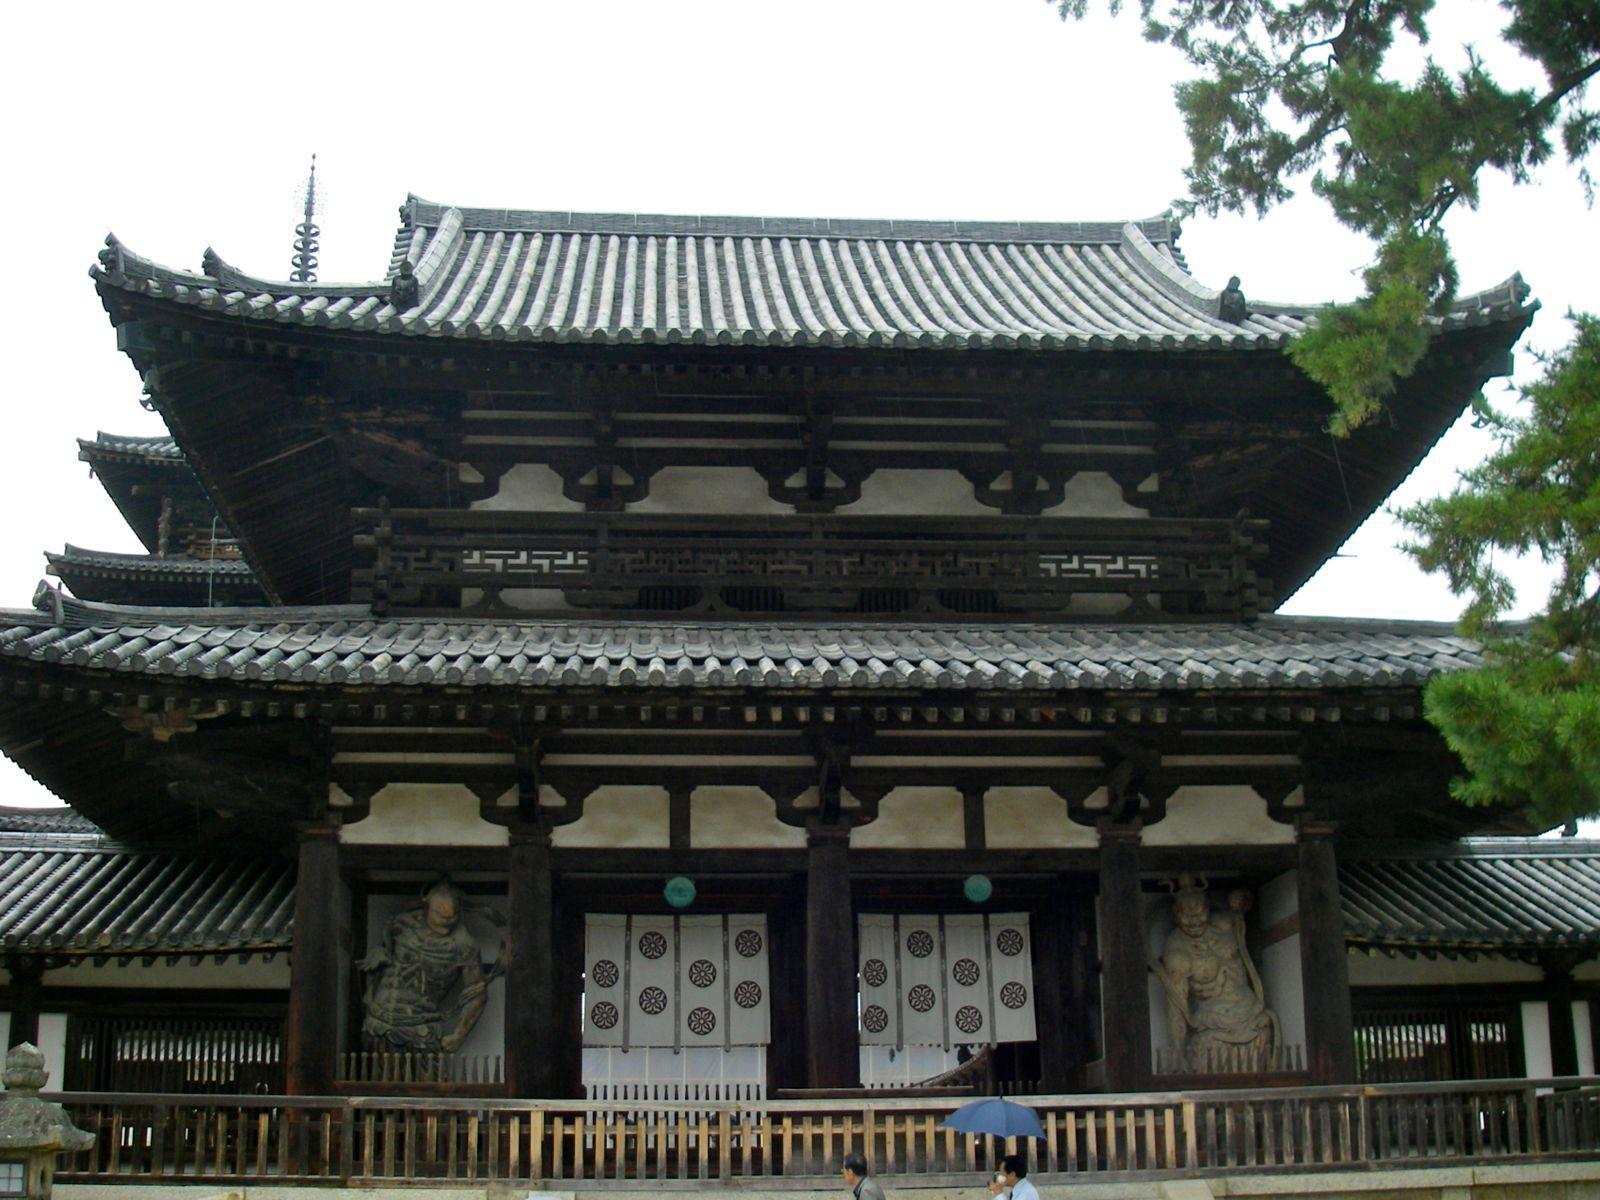 法隆寺の画像 p1_36